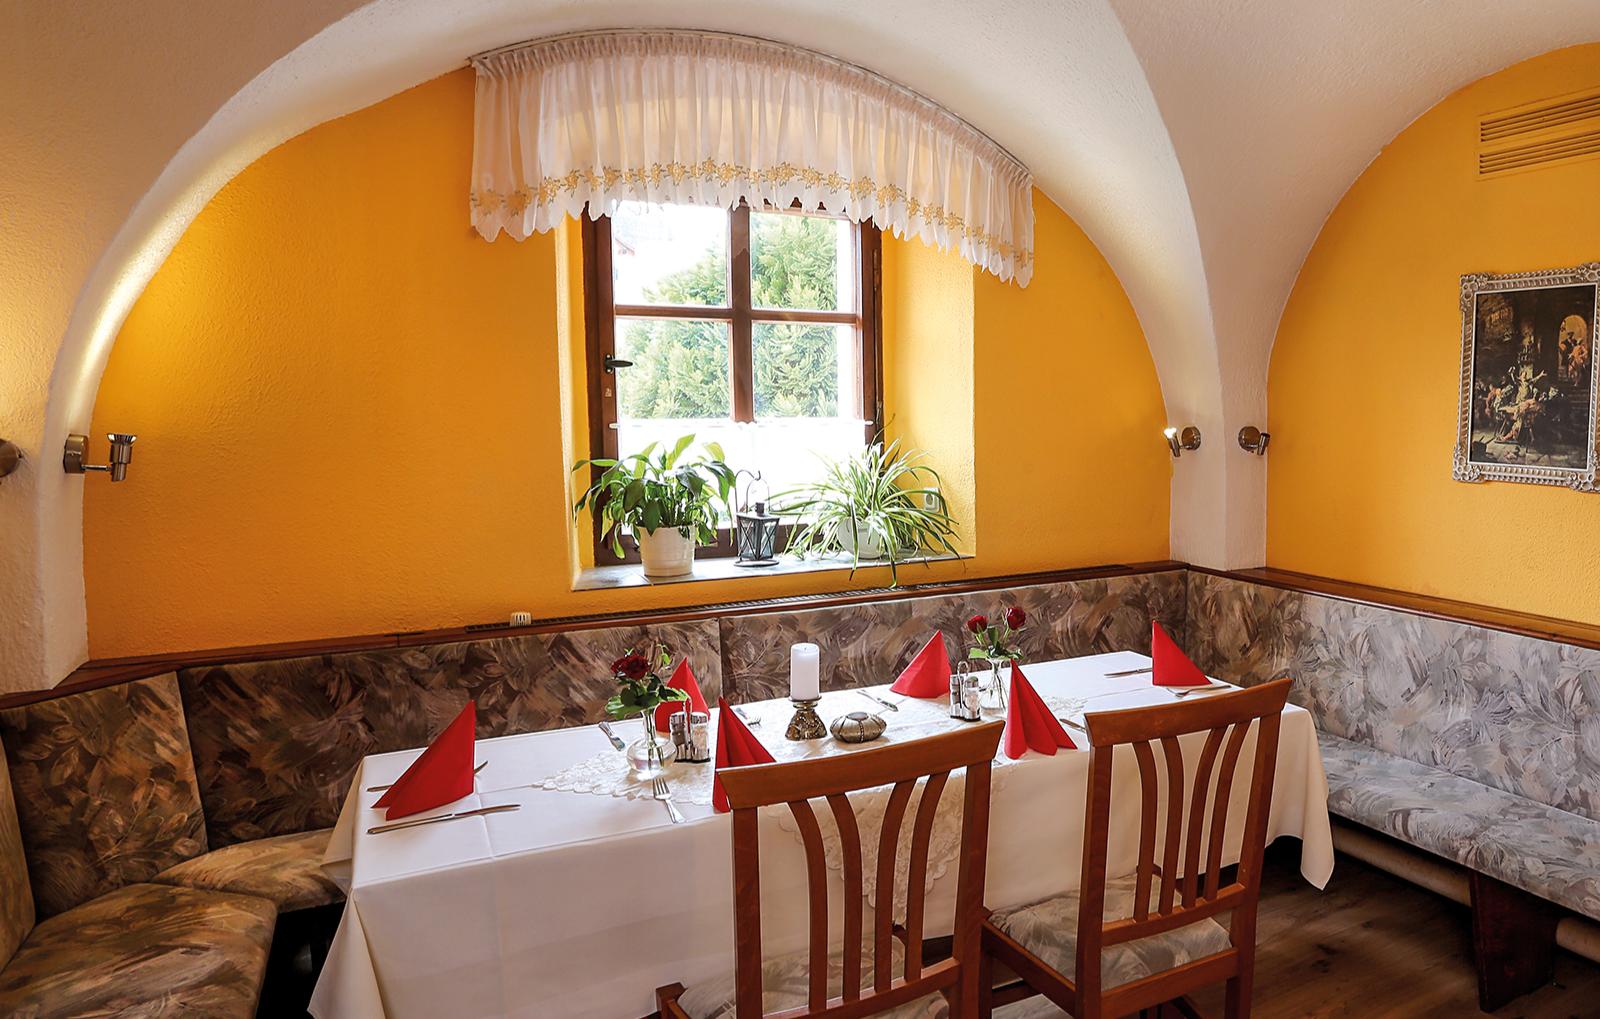 candle-light-dinner-fuer-zwei-schirgiswalde-bg3